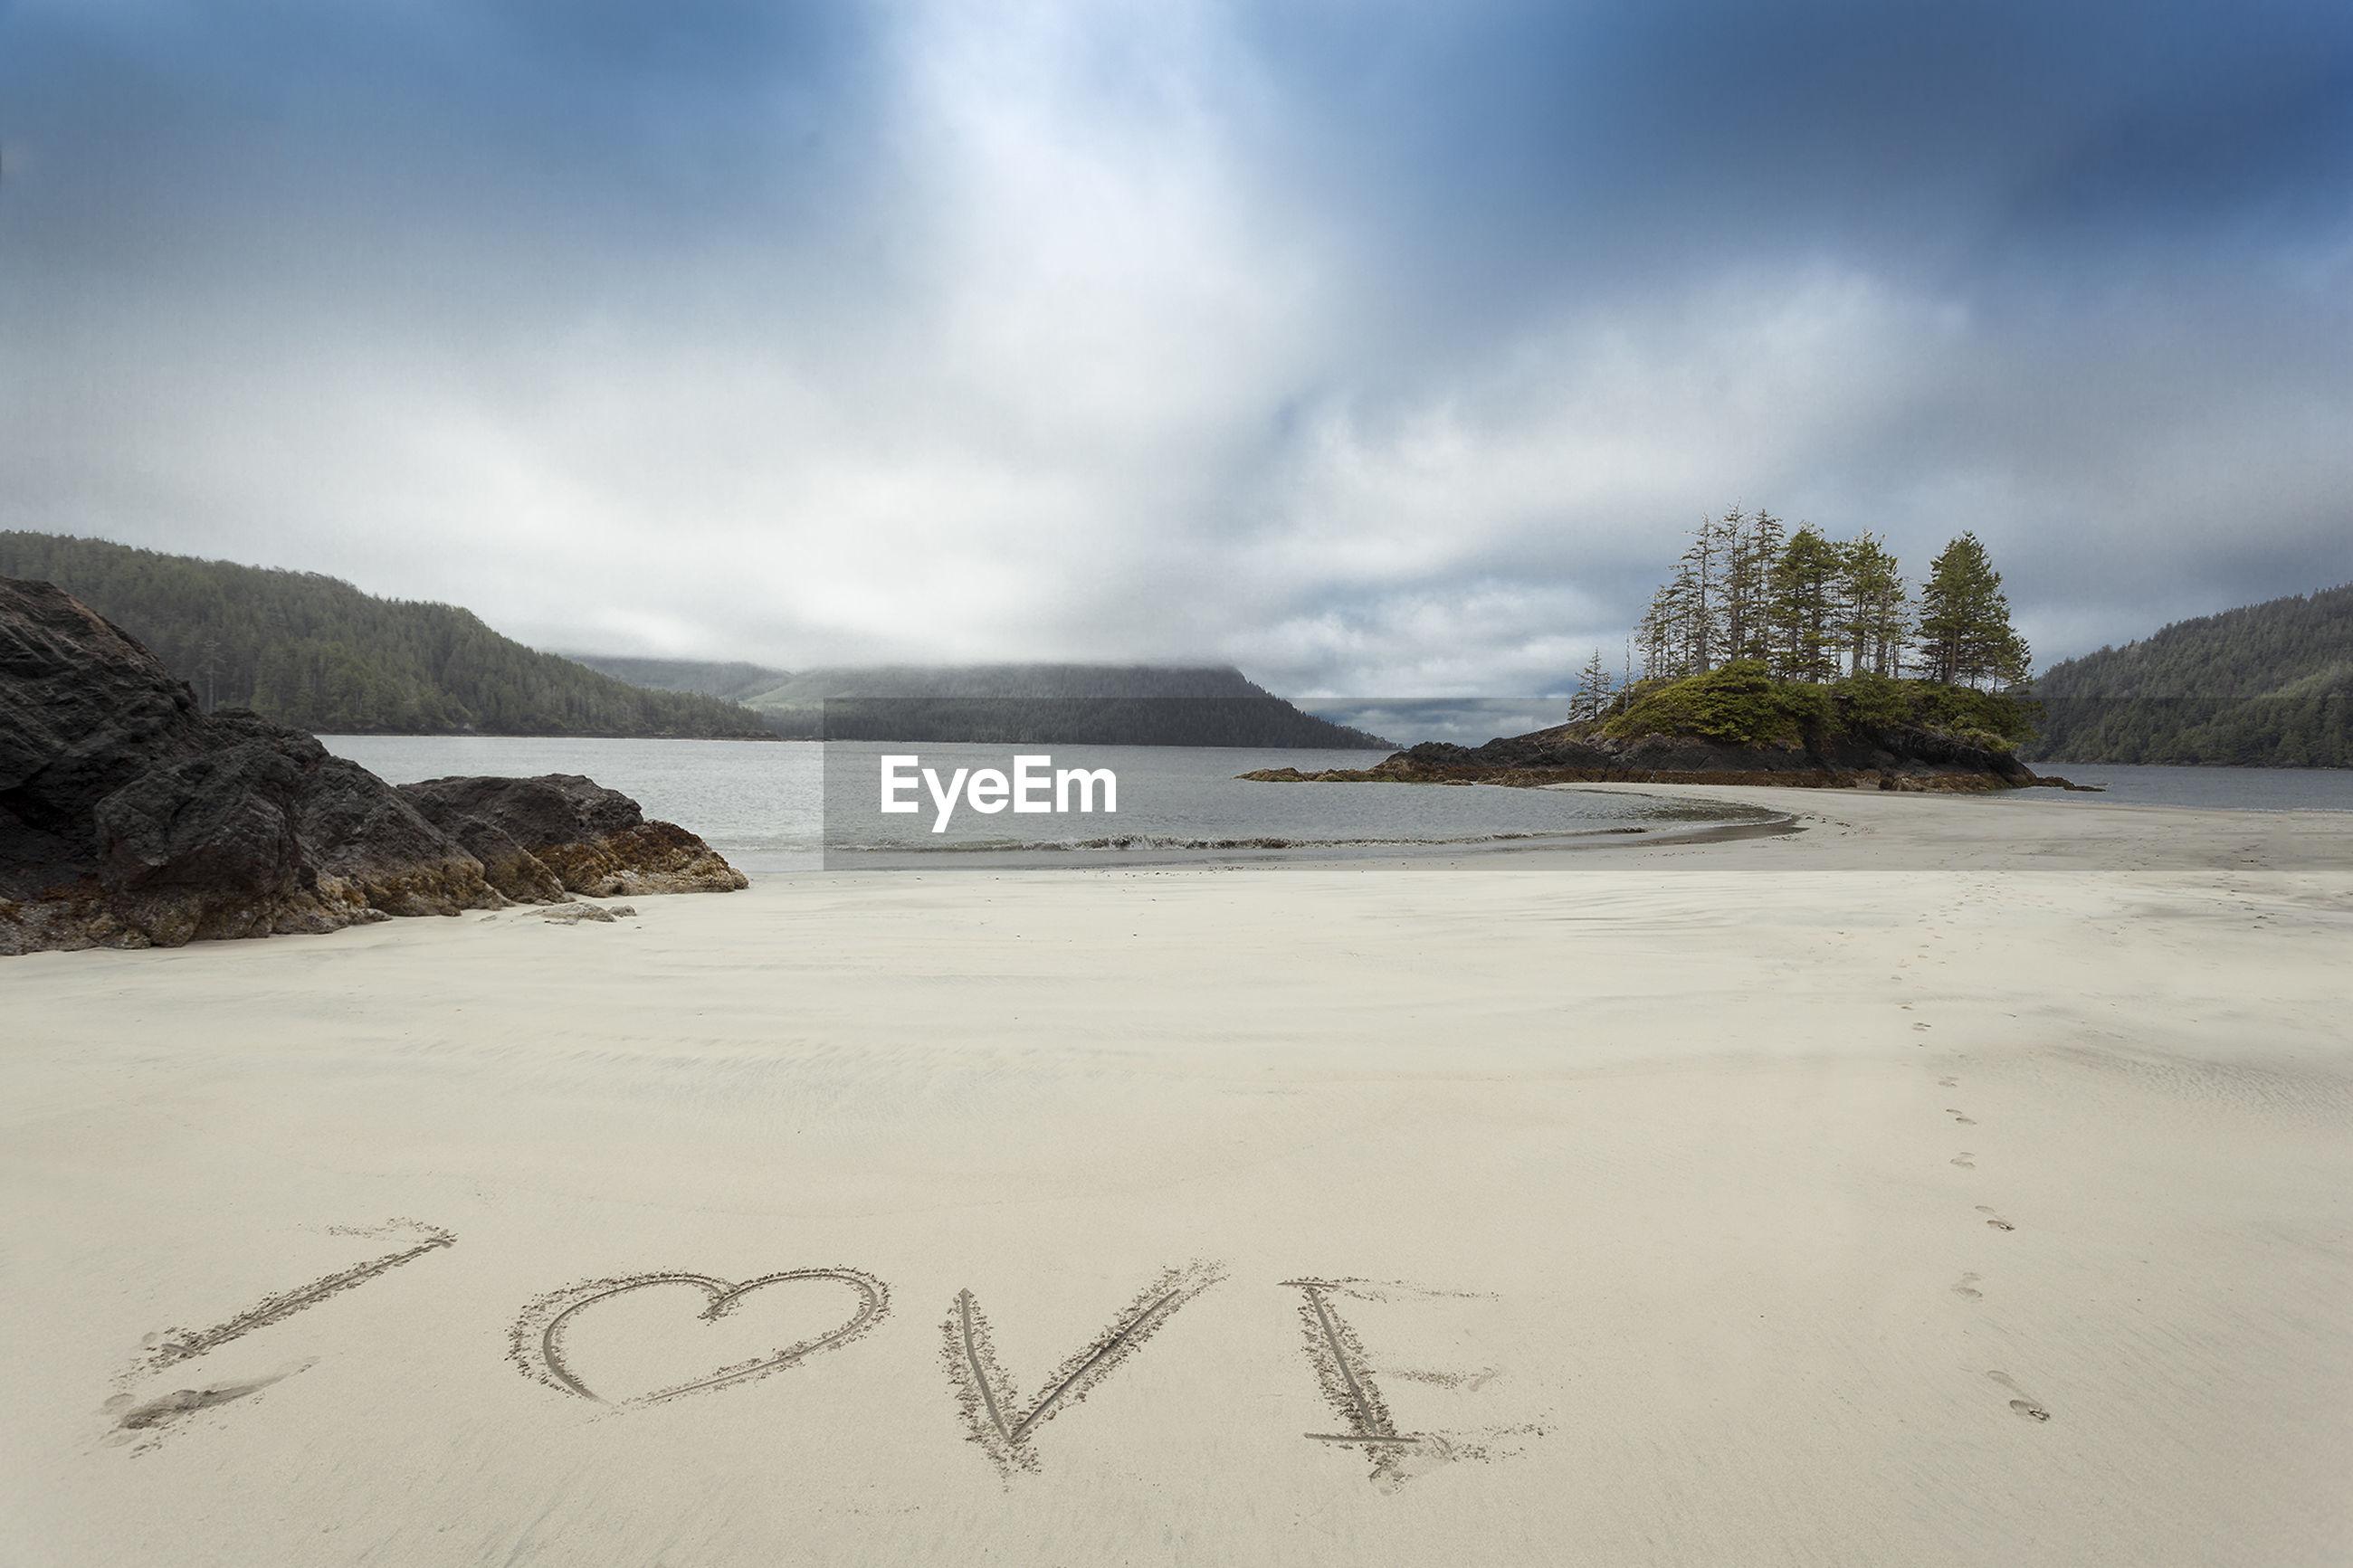 Text on sand at beach against sky